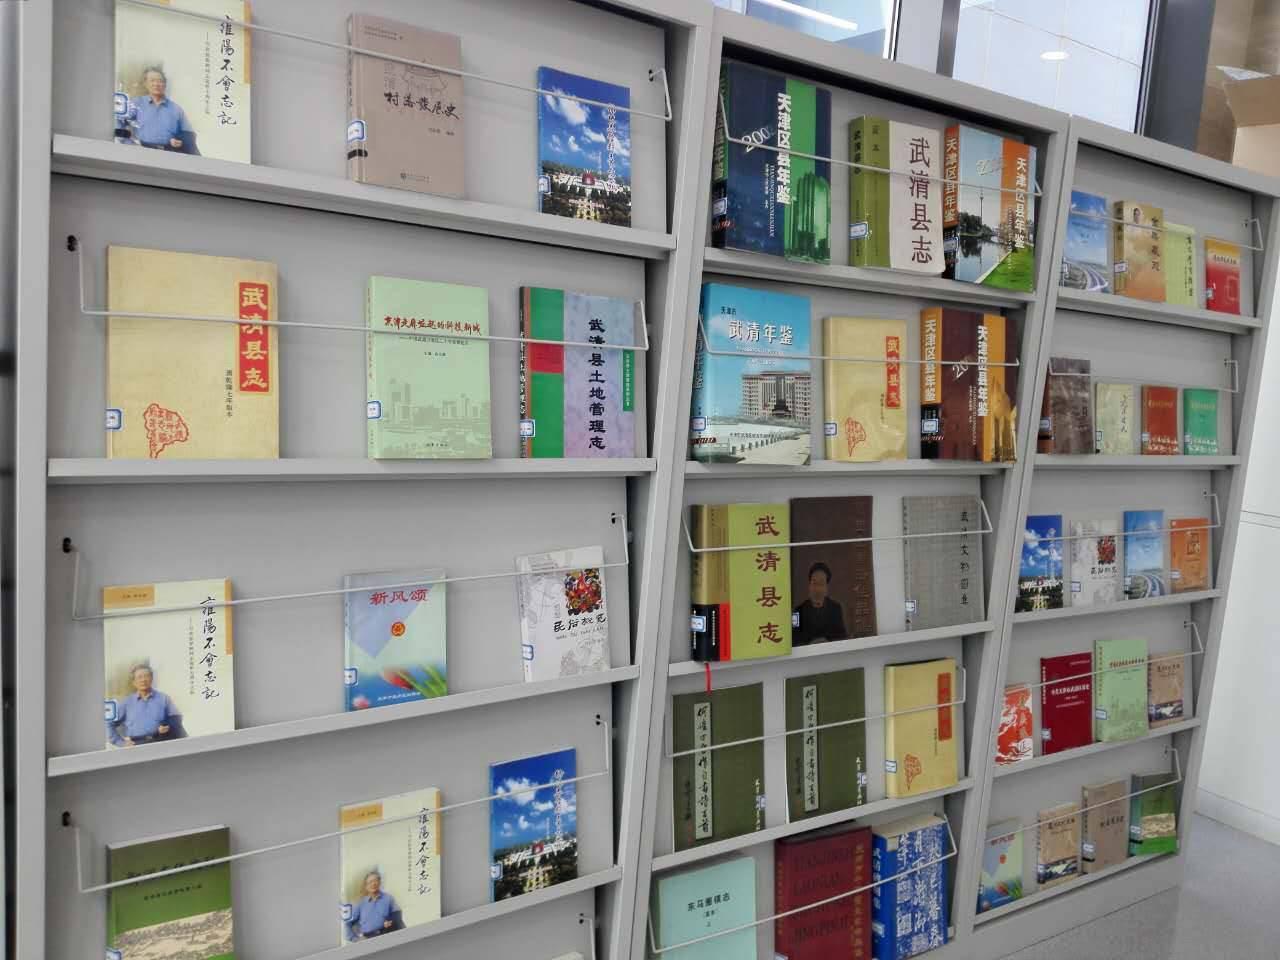 武清区图书馆图书漂流站两周年总结 暨地方文献征集公告